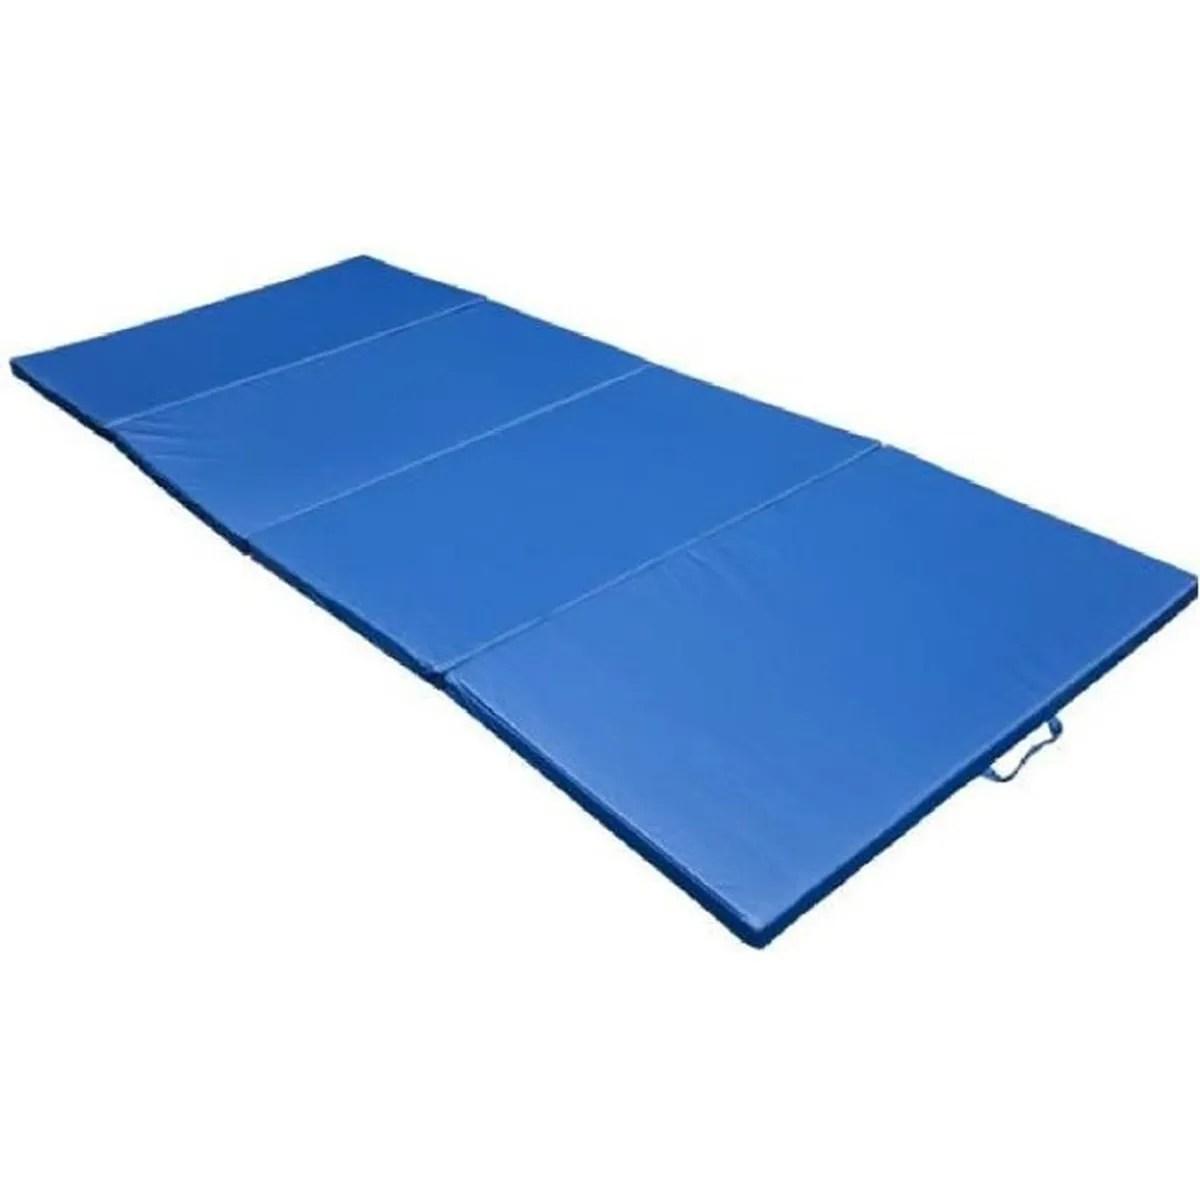 tapis de sol gymnastique natte de gym